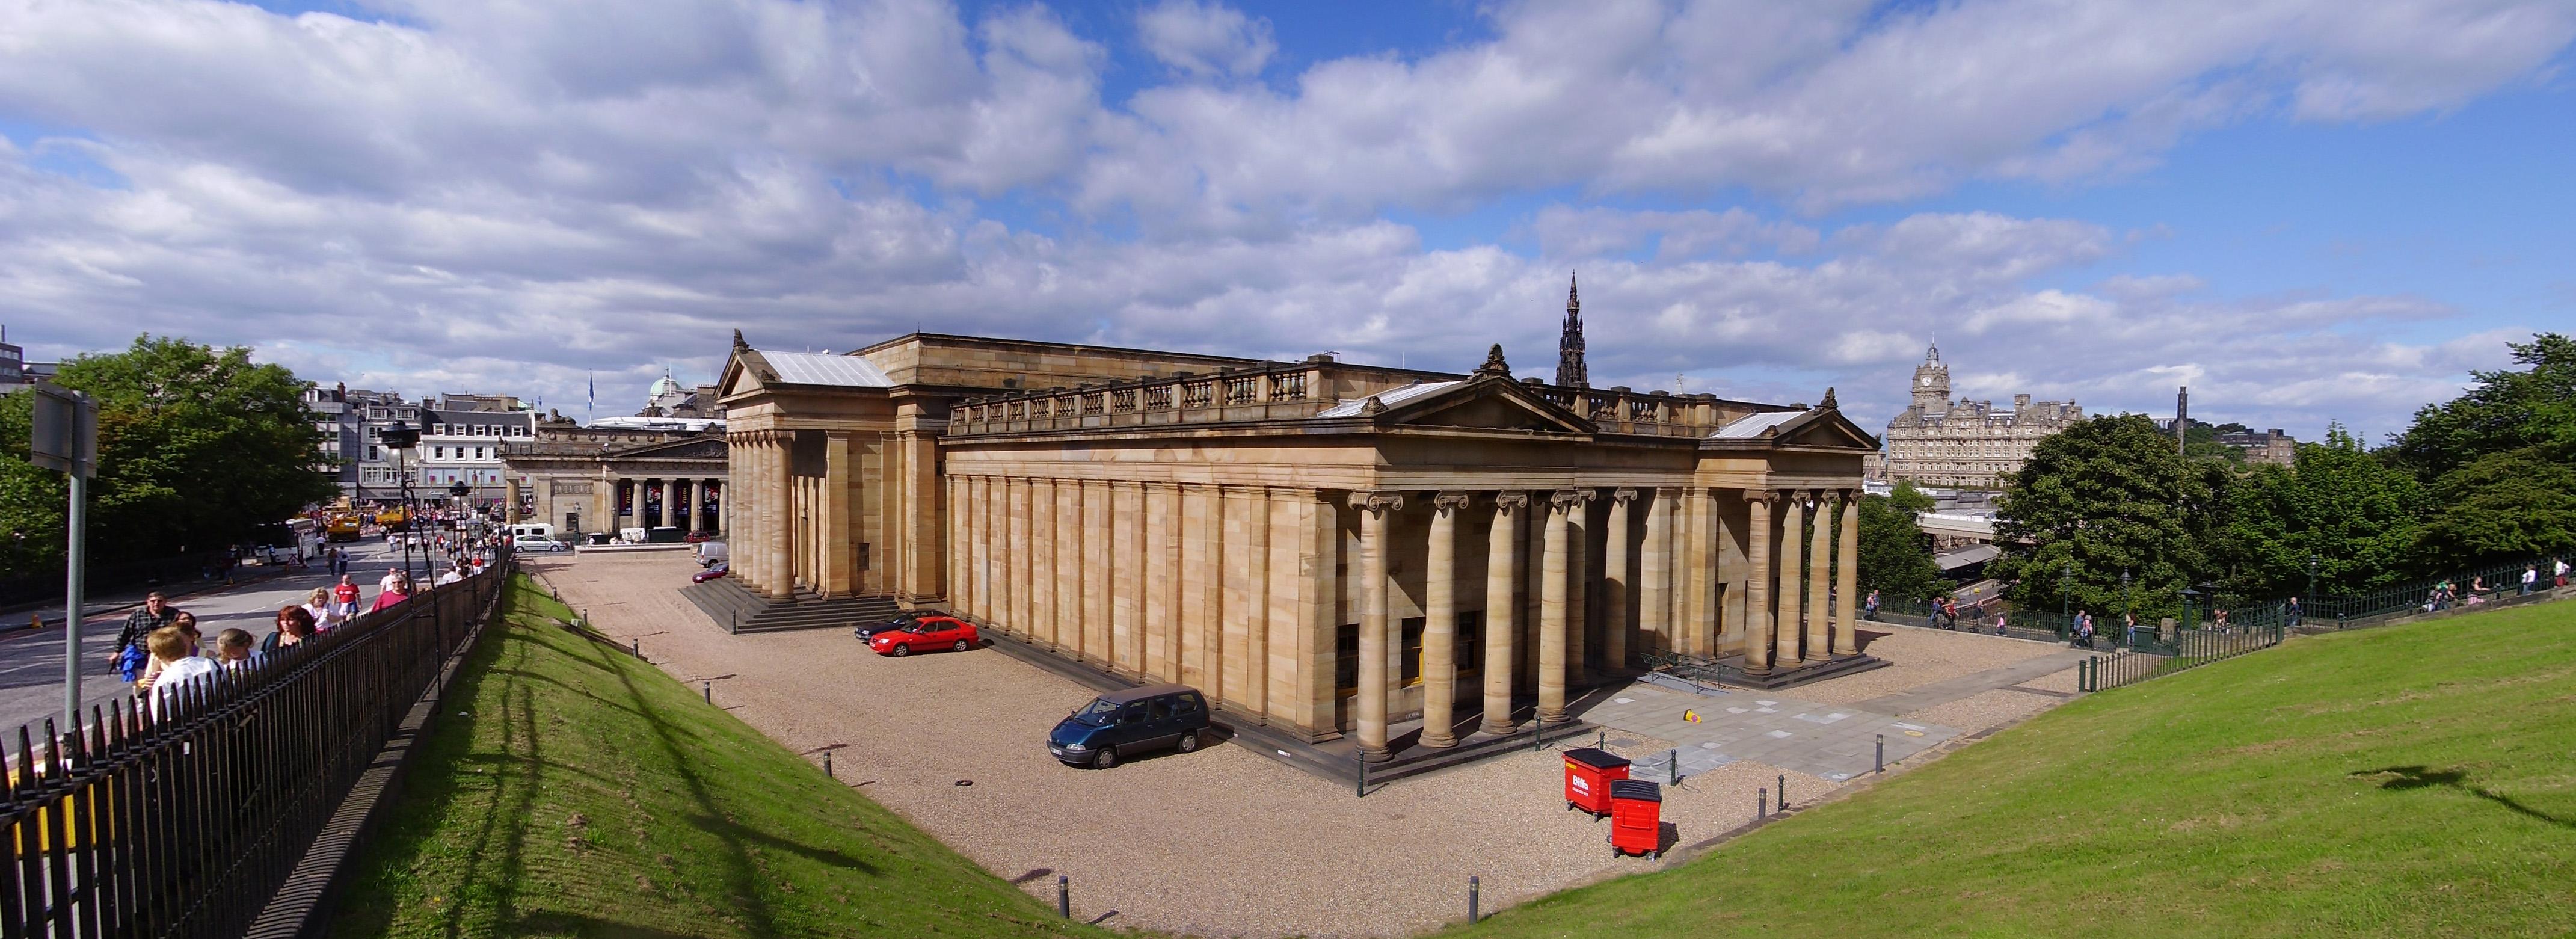 Galer a nacional de escocia gu a blog escocia turismo for Oficina de turismo de escocia